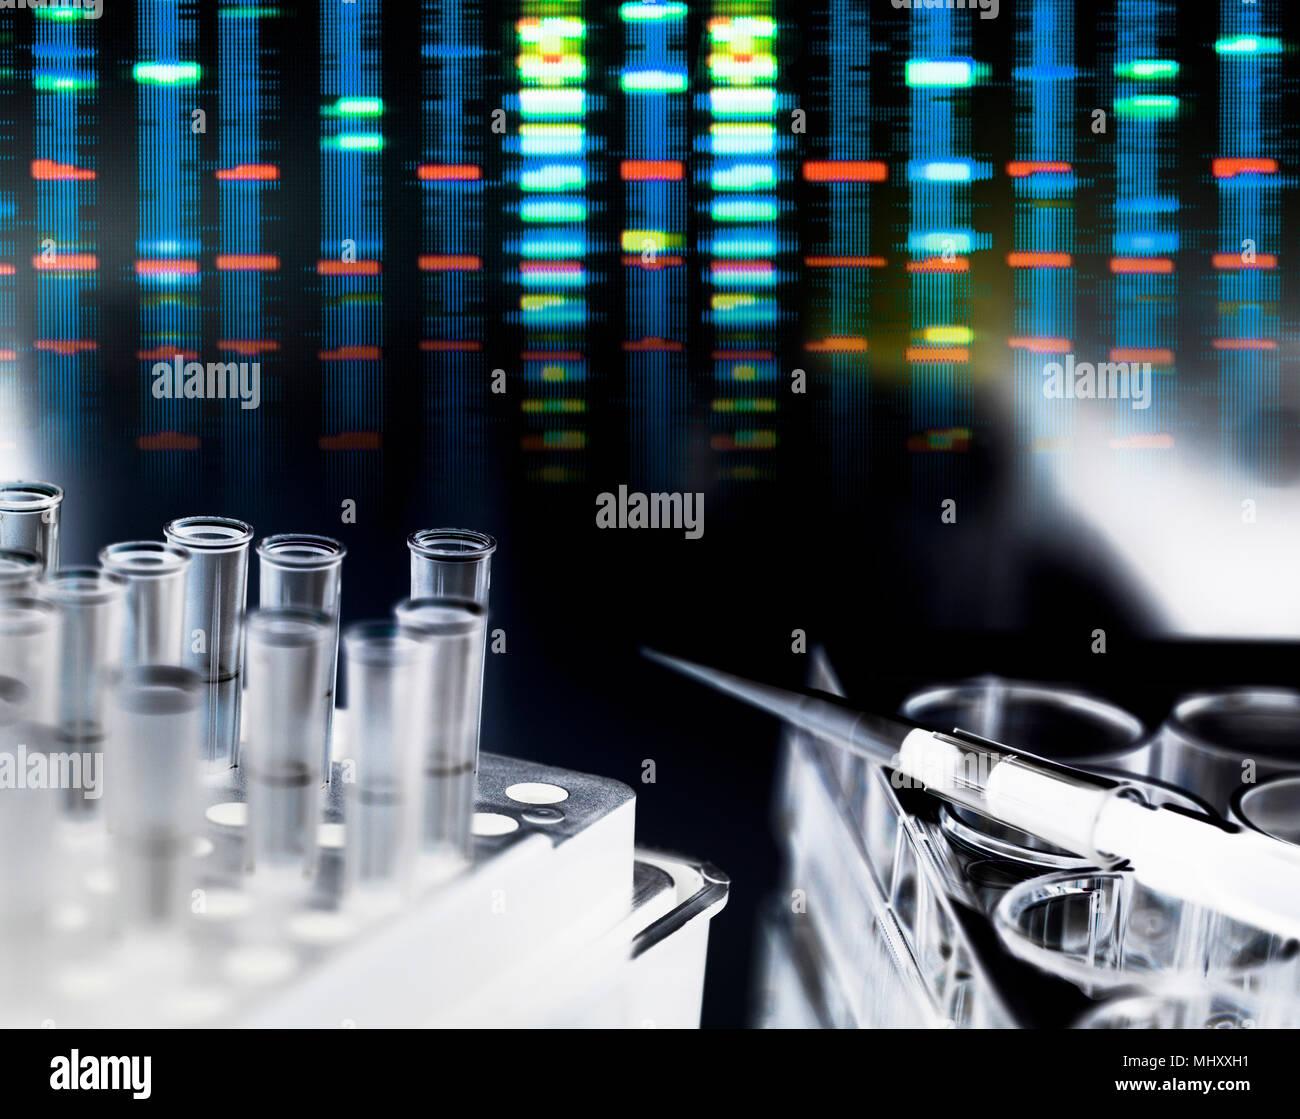 Pipeta sobre placa de pocillos múltiples esperando muestras de ADN durante el experimento genético en laboratorio con resultados de perfil de ADN en segundo plano. Foto de stock